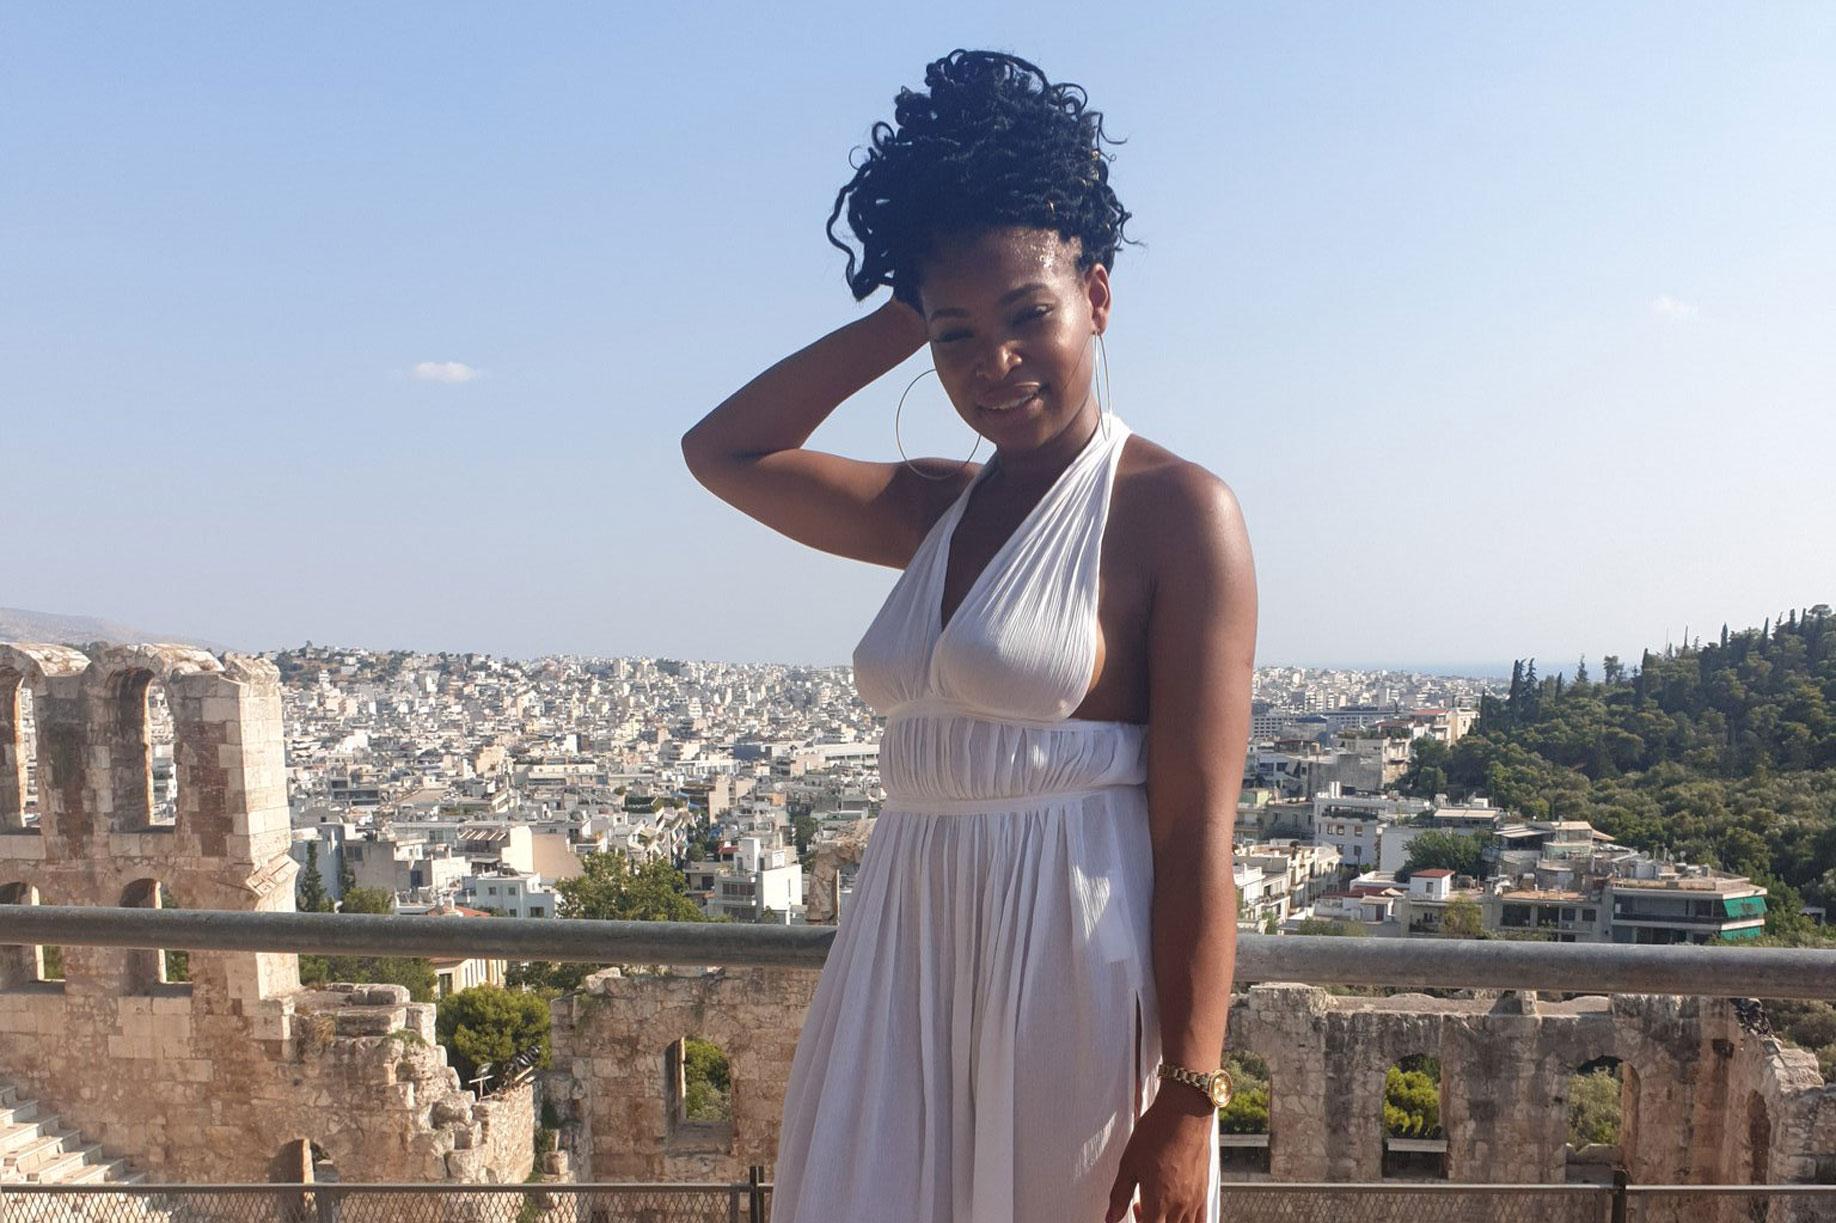 """""""Με πέταξαν ουρλιάζοντας από το Μουσείο της Ακρόπολης! Με συνέλαβαν για το φόρεμα που φορούσα!"""" - Απίστευτες καταγγελίες από Βρετανή travel blogger"""